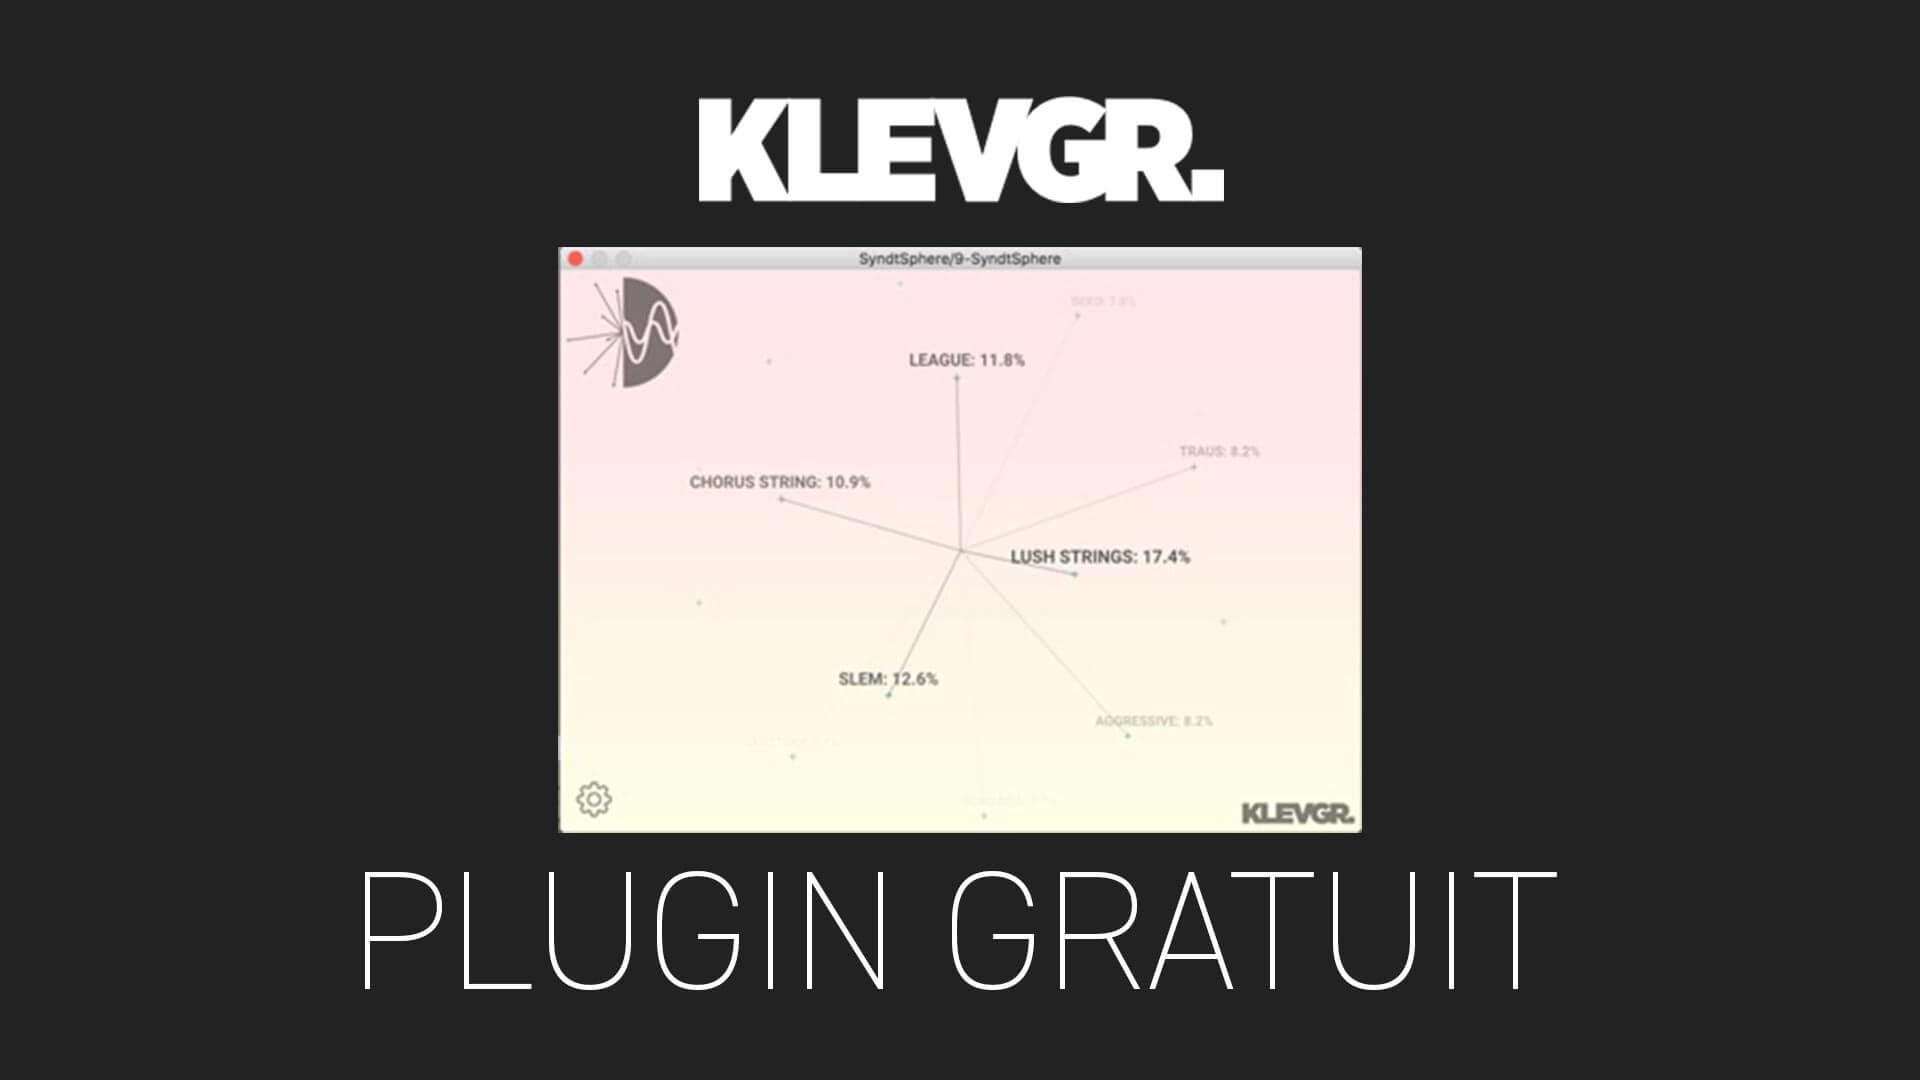 Free plugin KLEVGR